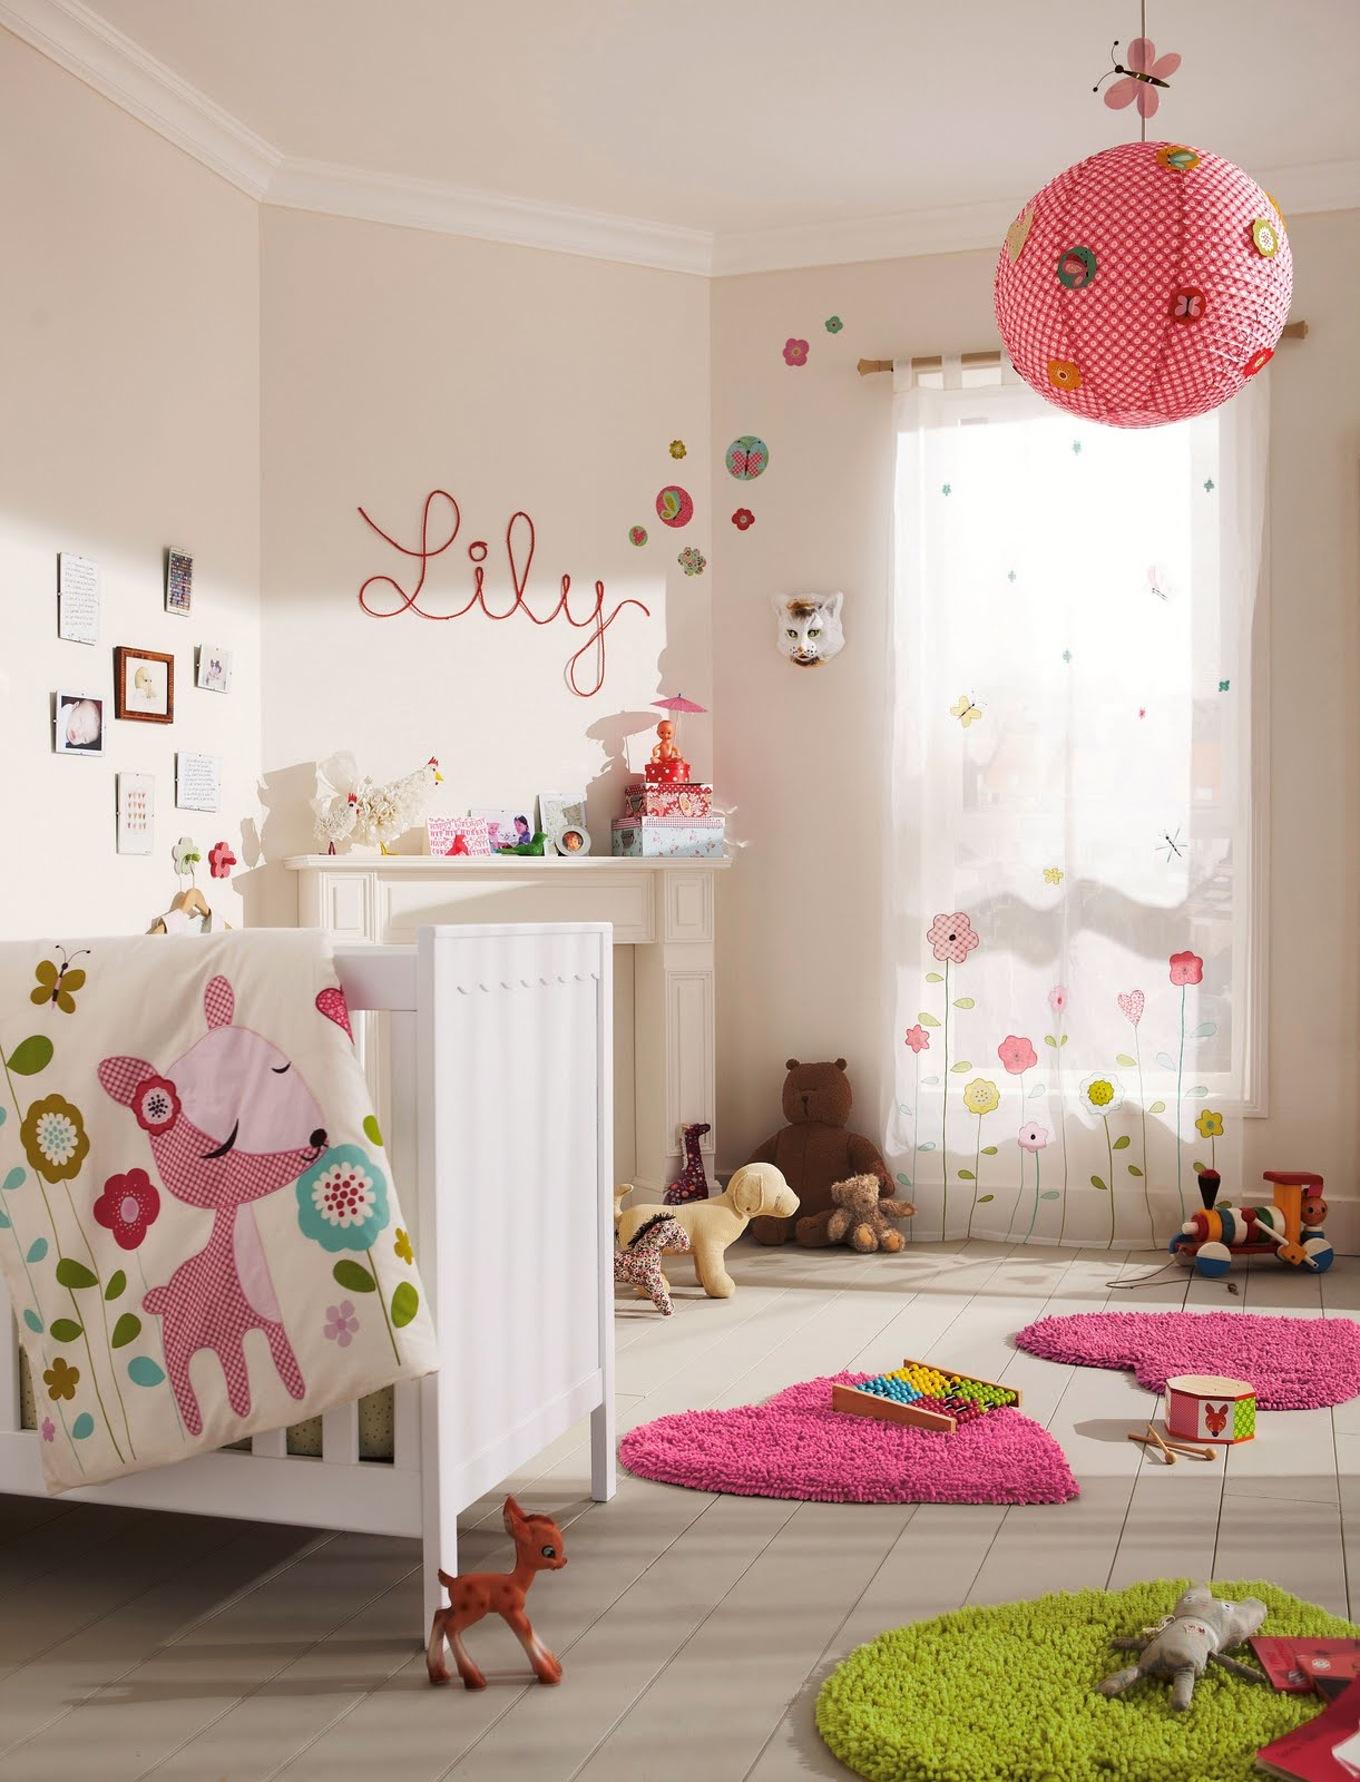 Дизайн штор для детской комнаты с цветами